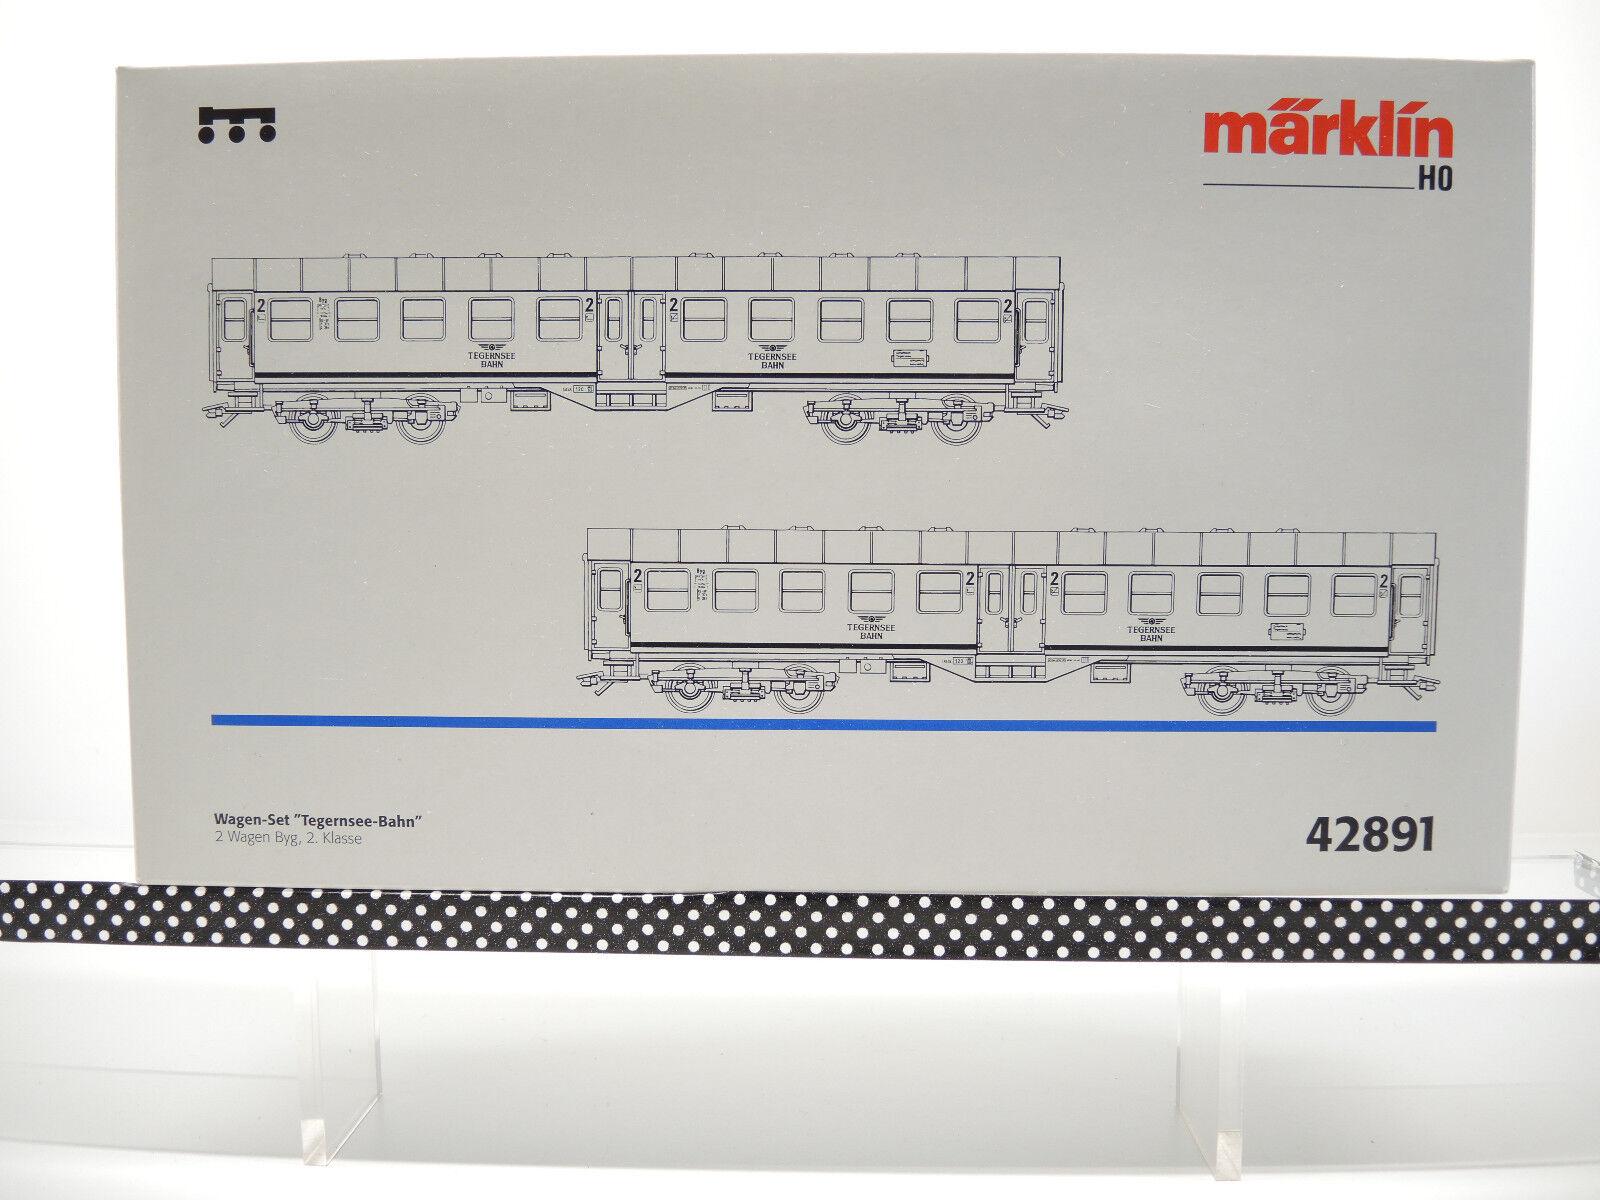 42891 carri-Set  Tegernsee-Bahn  KKK, molto bene OVP